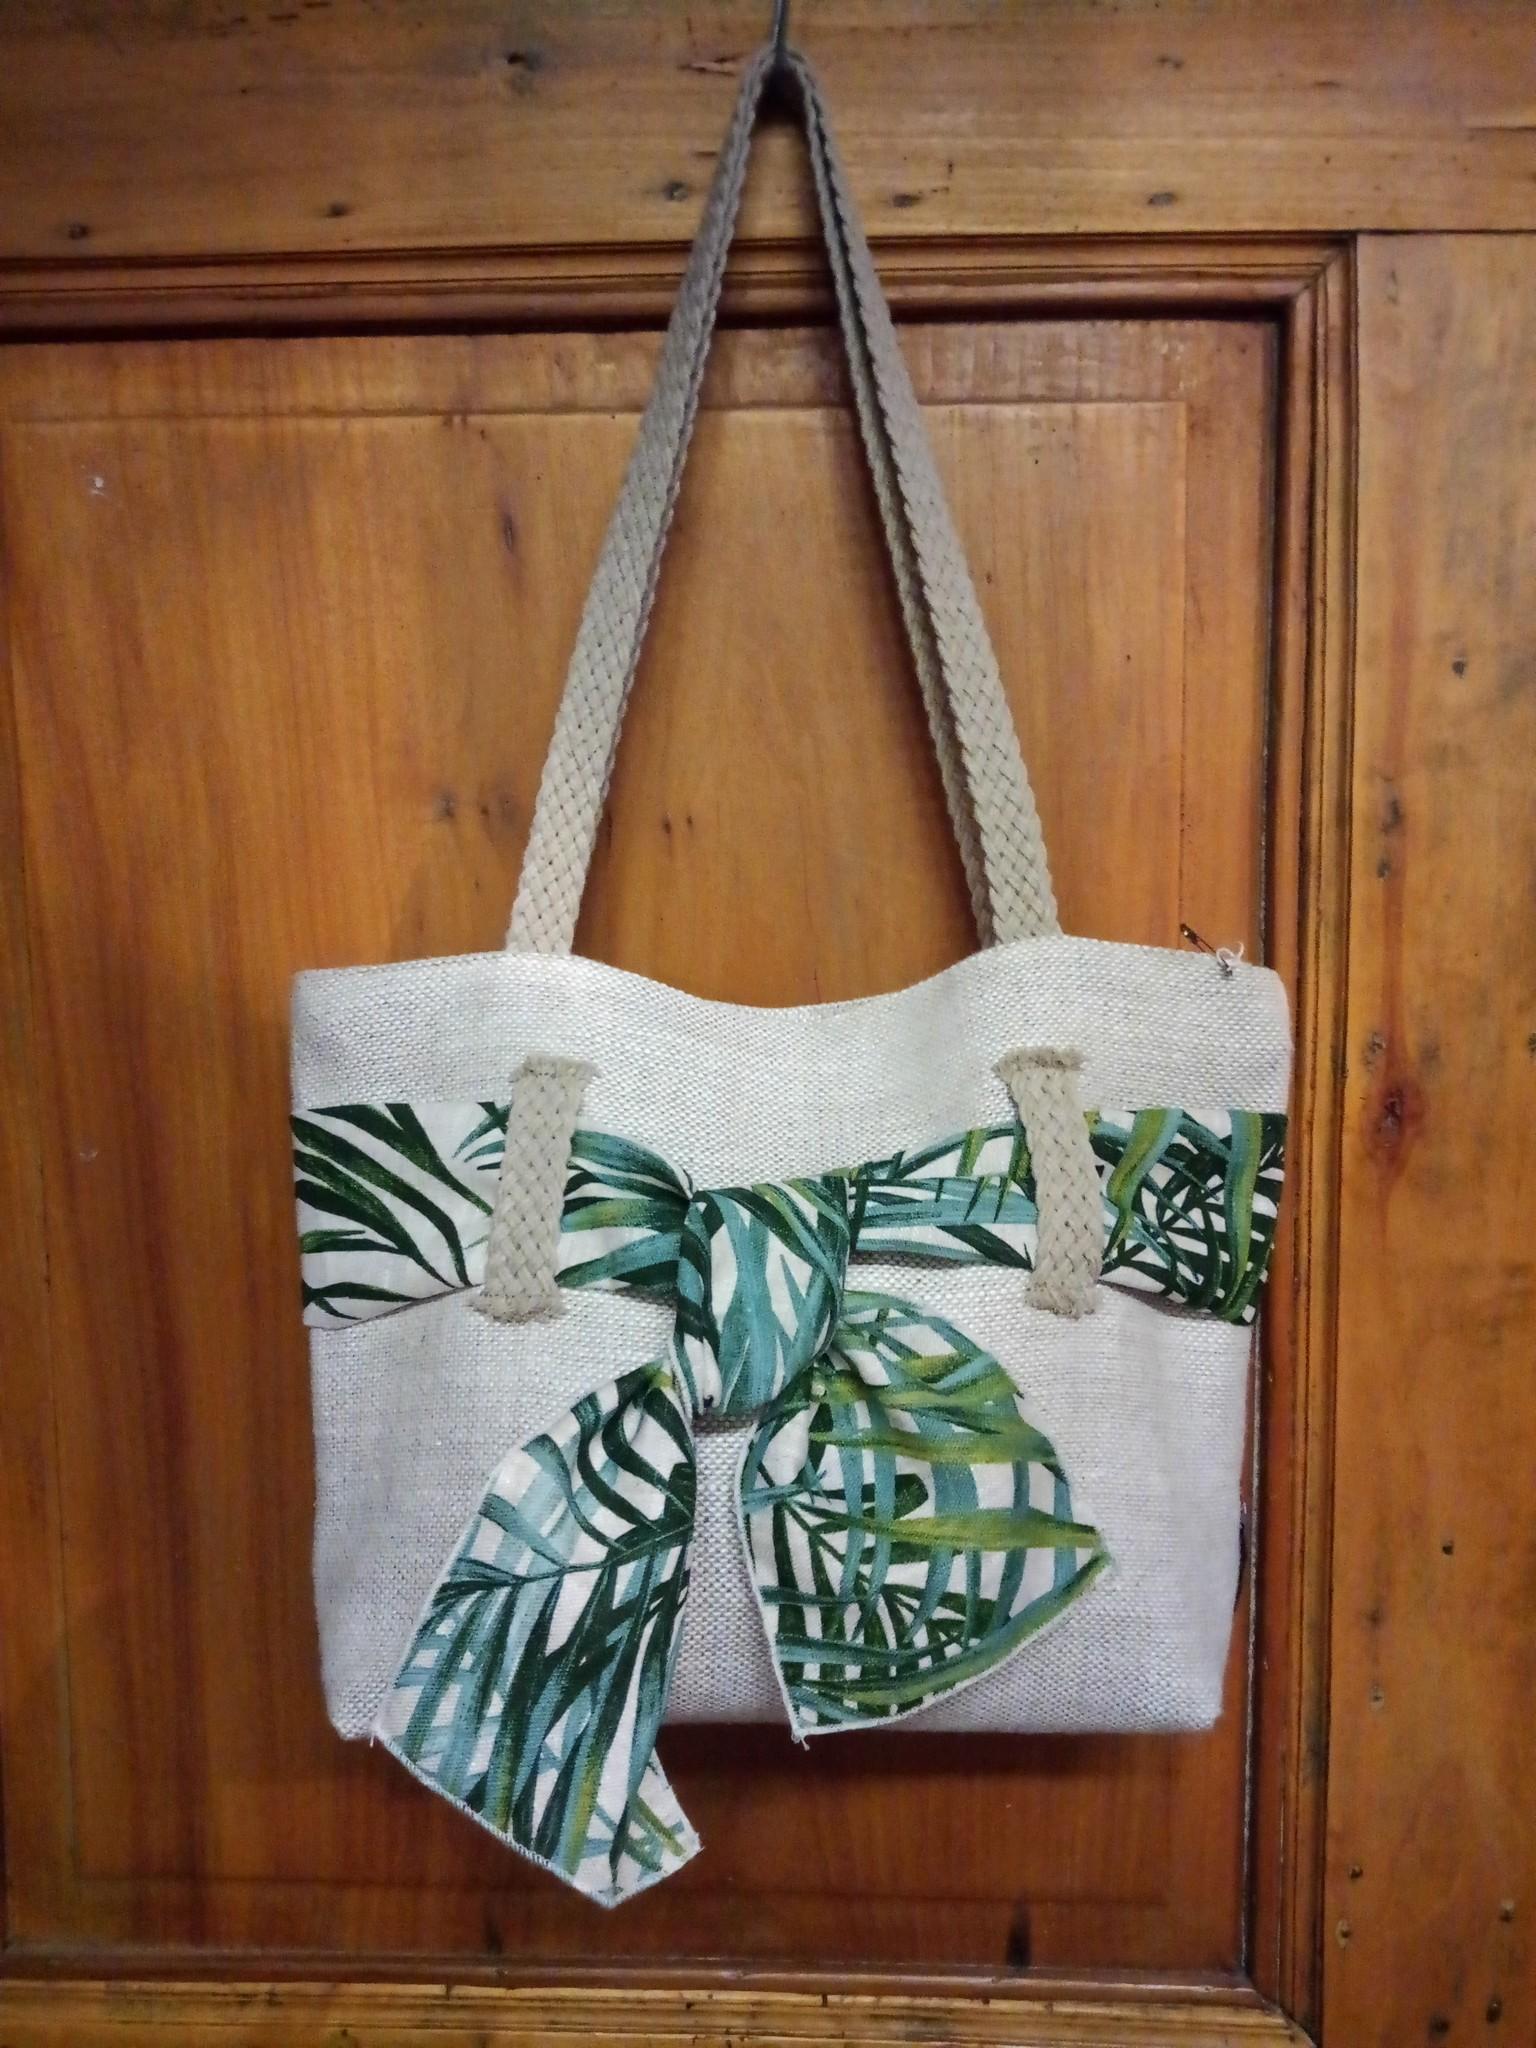 Le grenier du lin Handbag in linen knot palm tree motif.